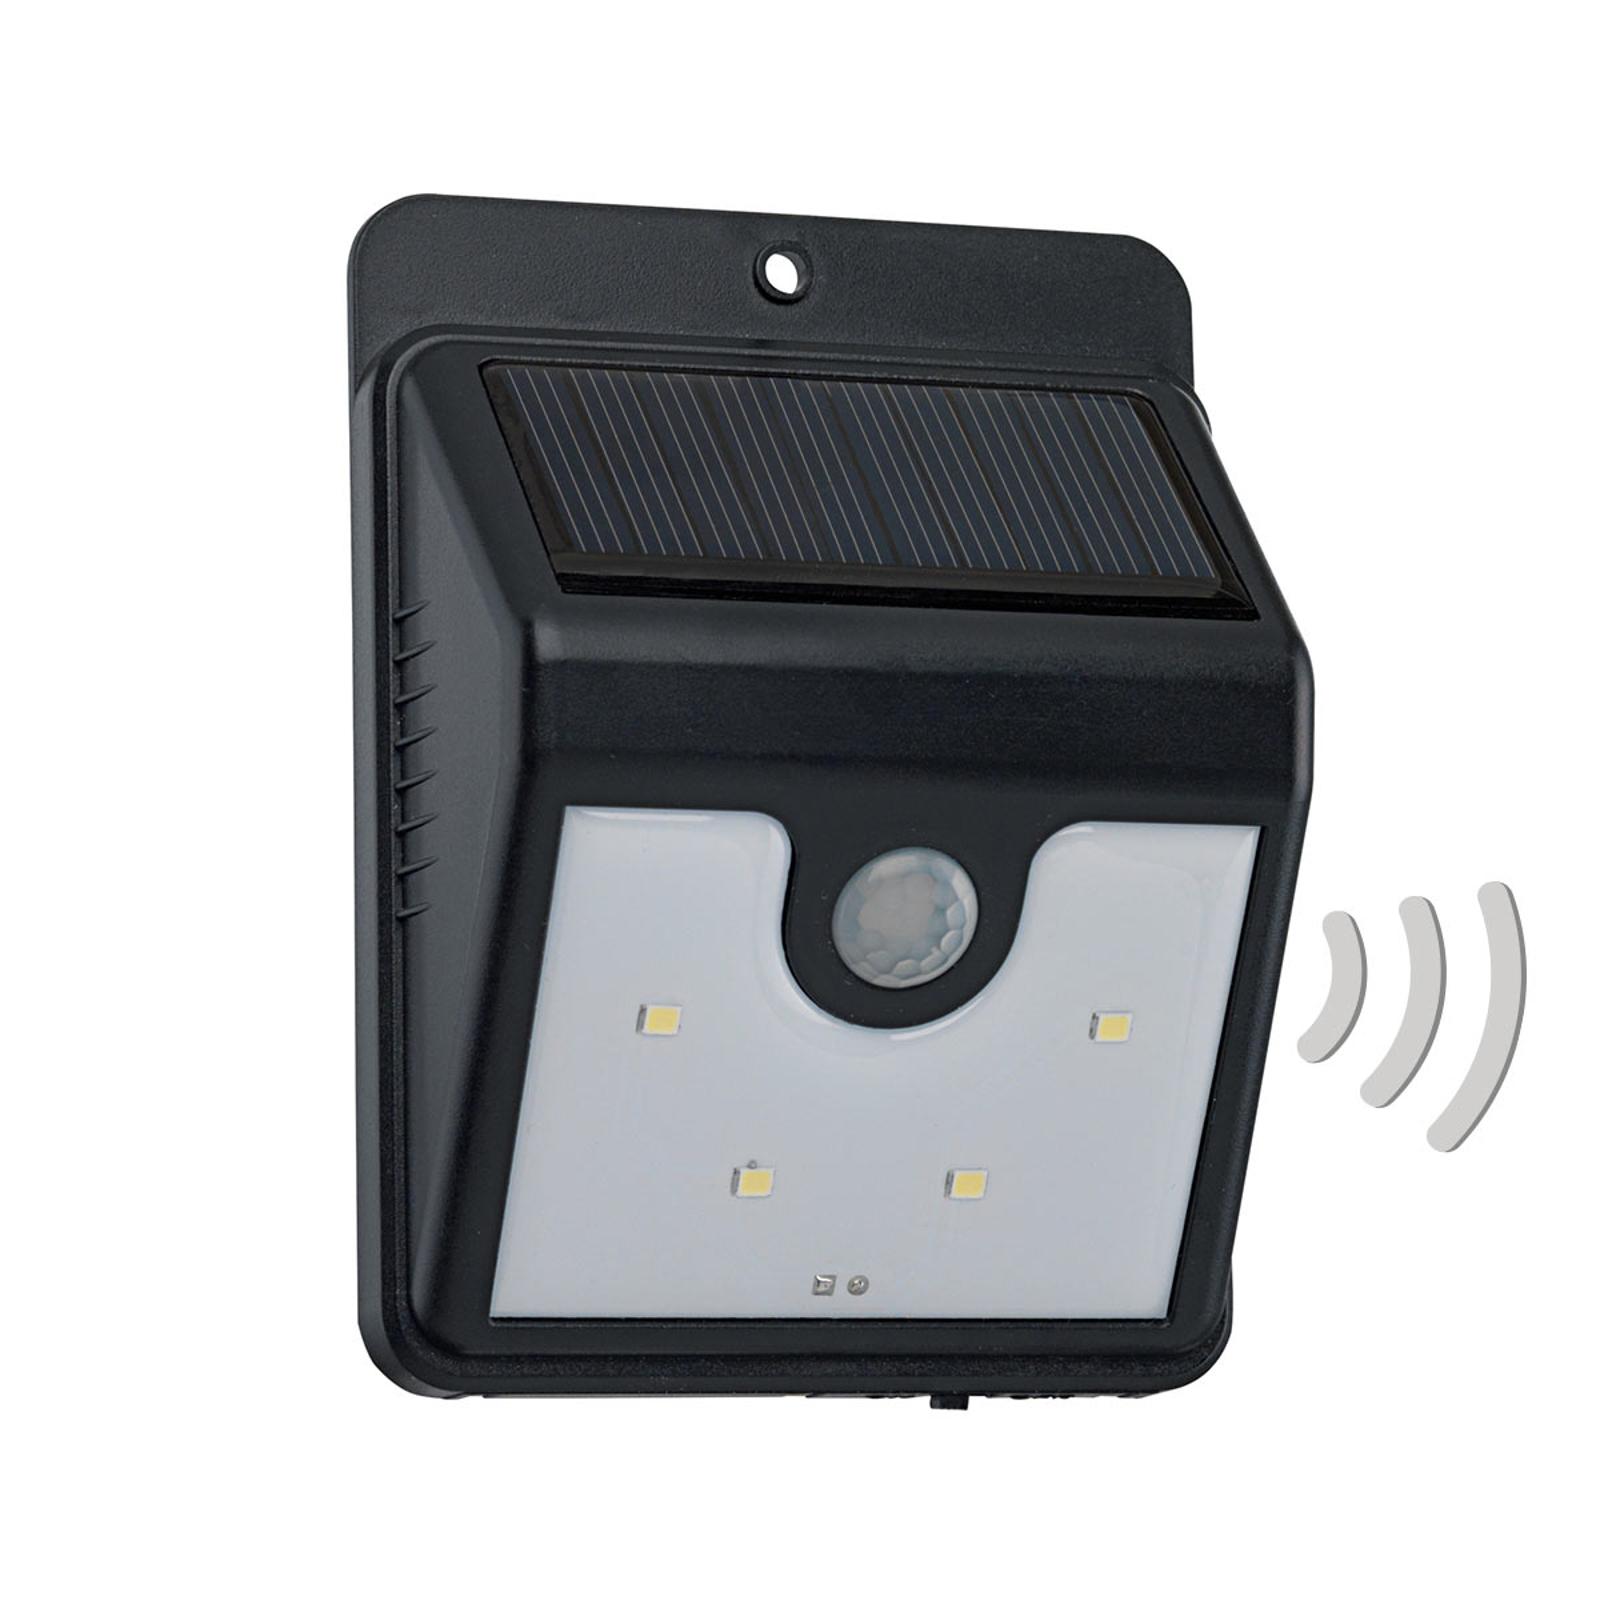 Applique d'extérieur LED solaire Argon, capteur